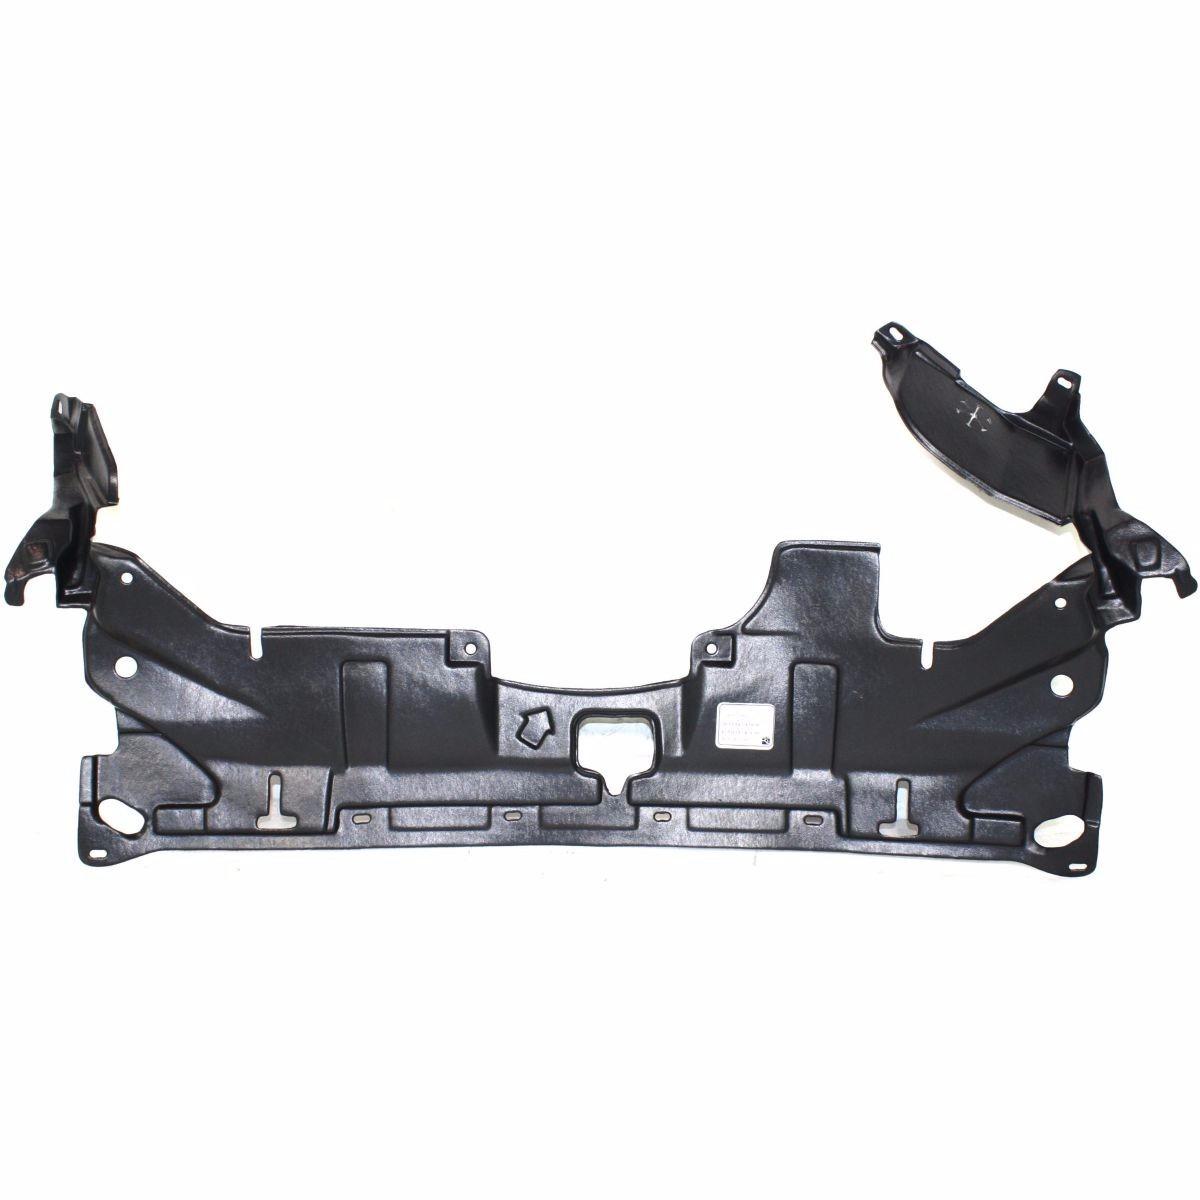 2011 Chevy Cruze Engine Diagram Tolva Inferior De Motor Honda Accord 2003 2007 Nueva